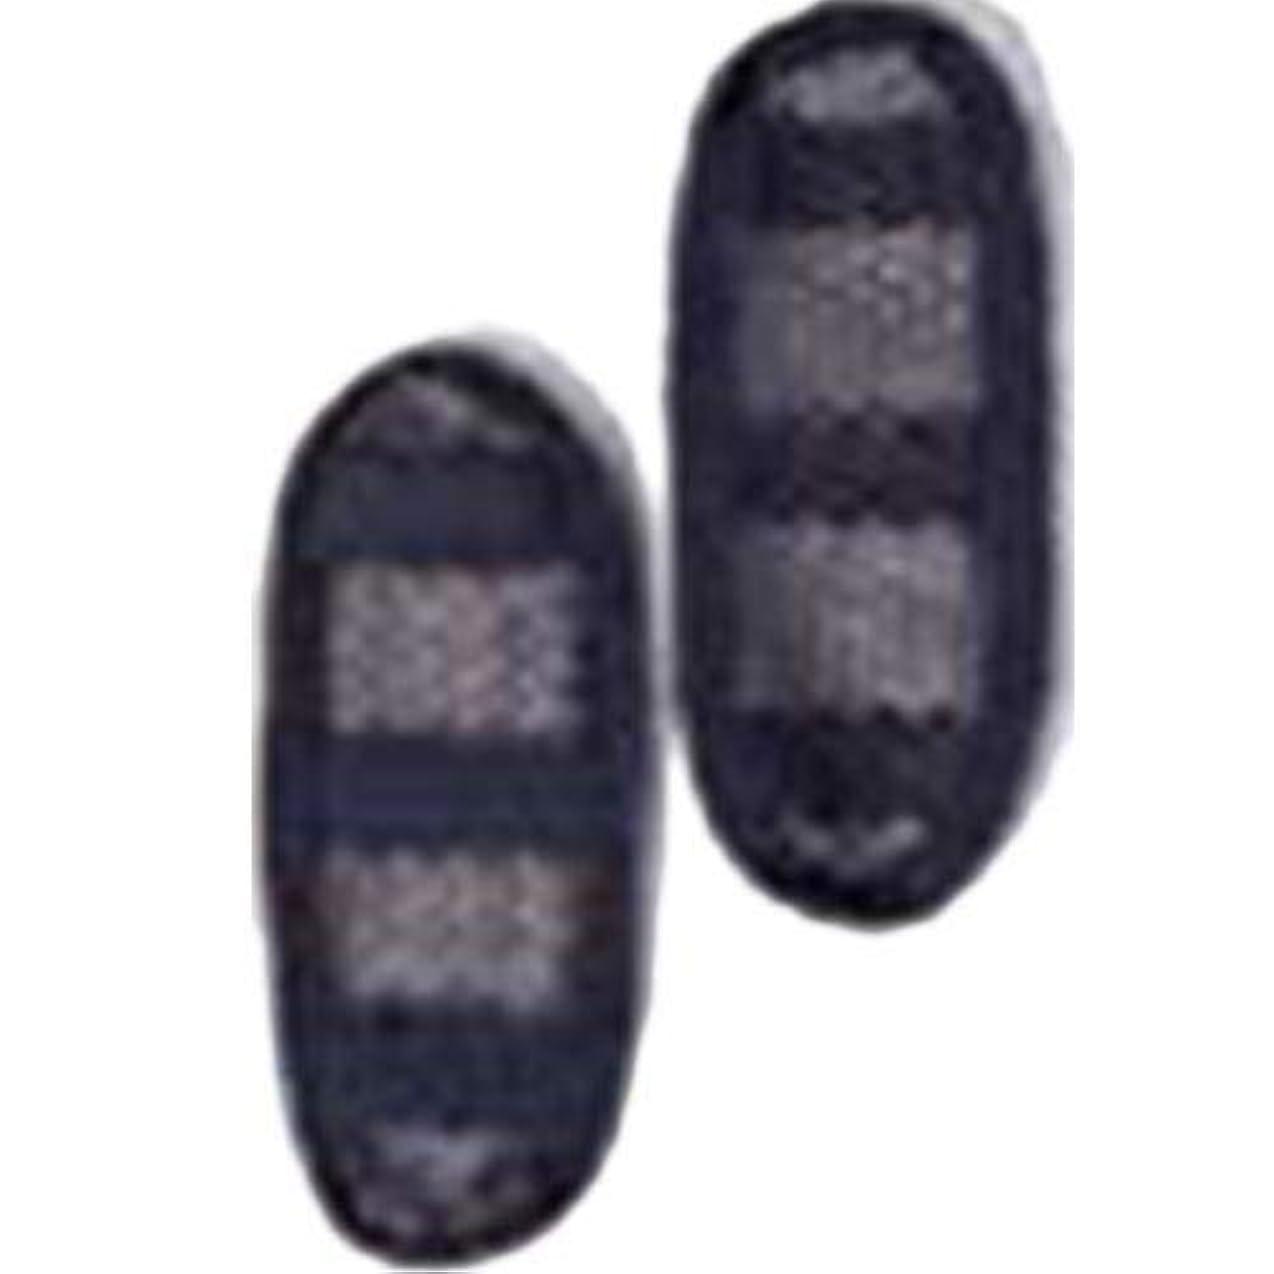 側インカ帝国有名人アライテント ハニカムメッシュ製ショルダーパッドセット(2個1組) 201500